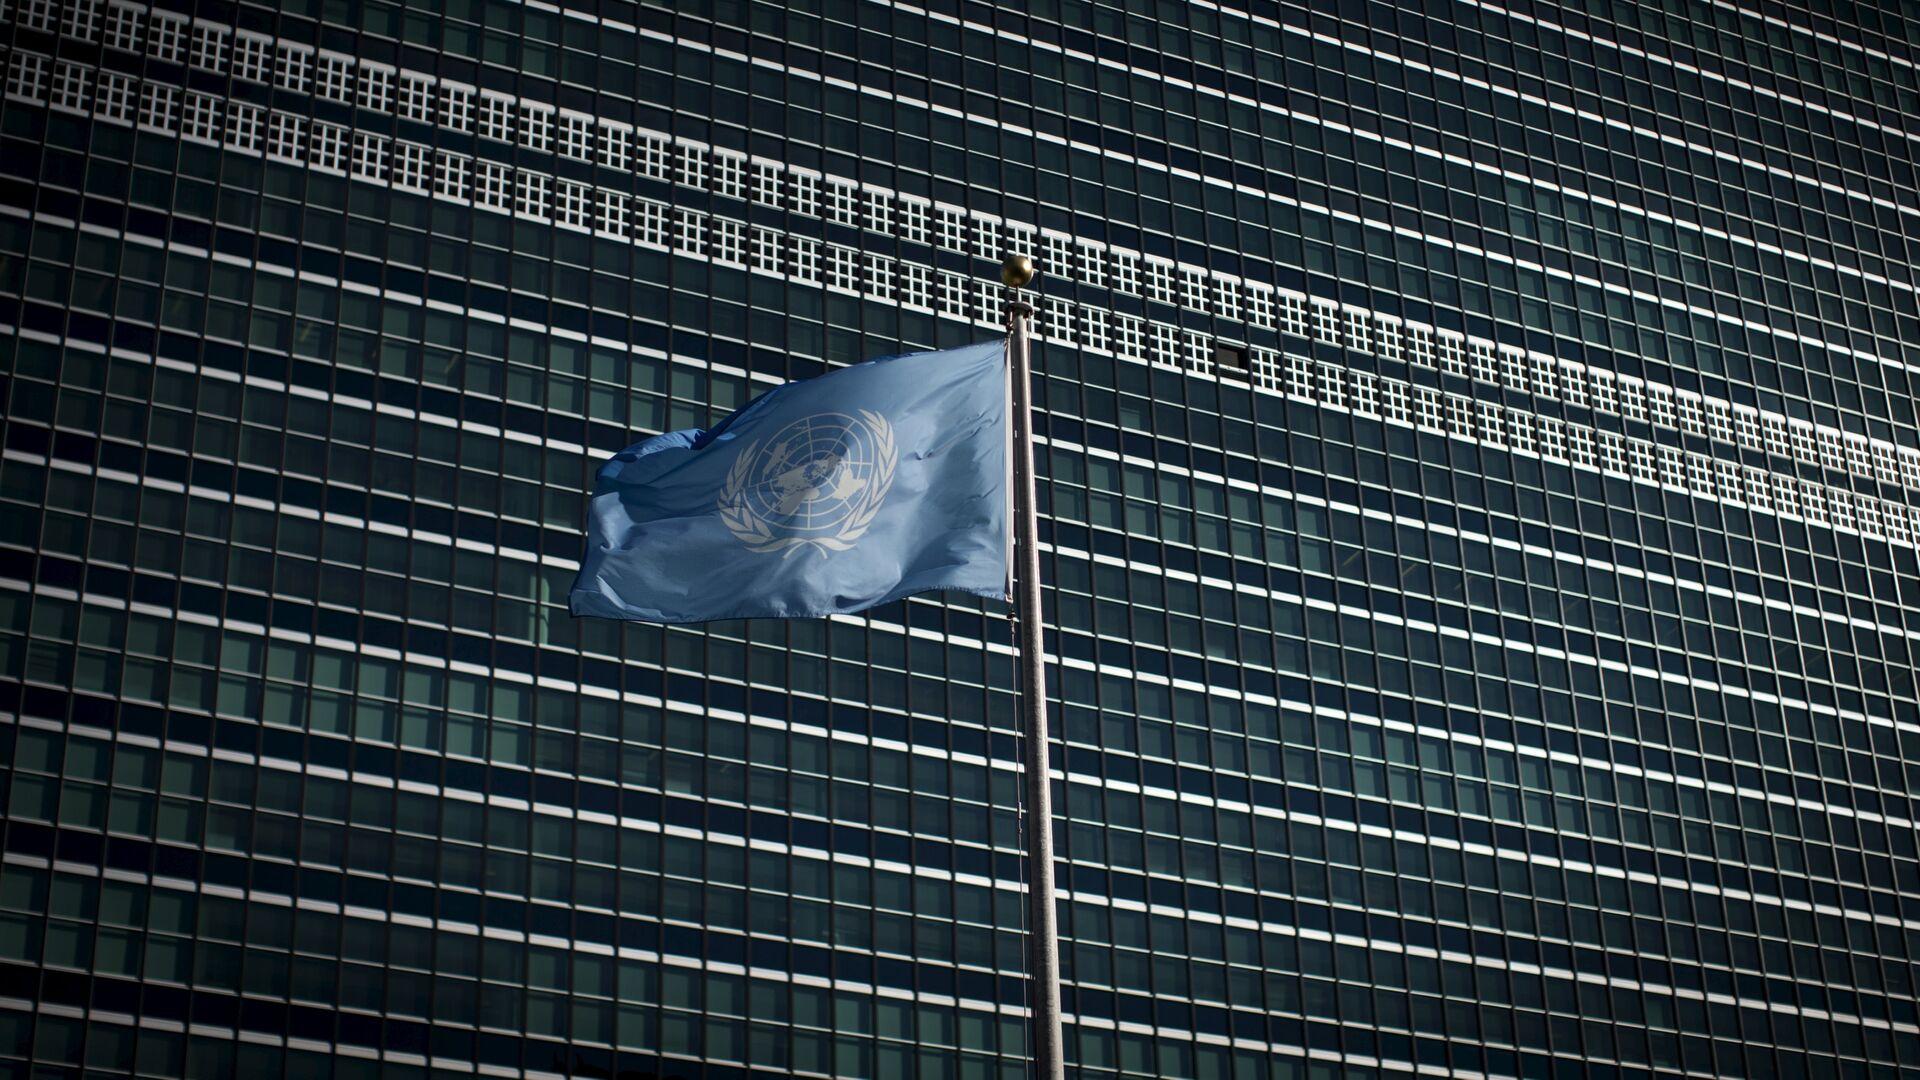 La bandera de la ONU - Sputnik Mundo, 1920, 23.03.2021